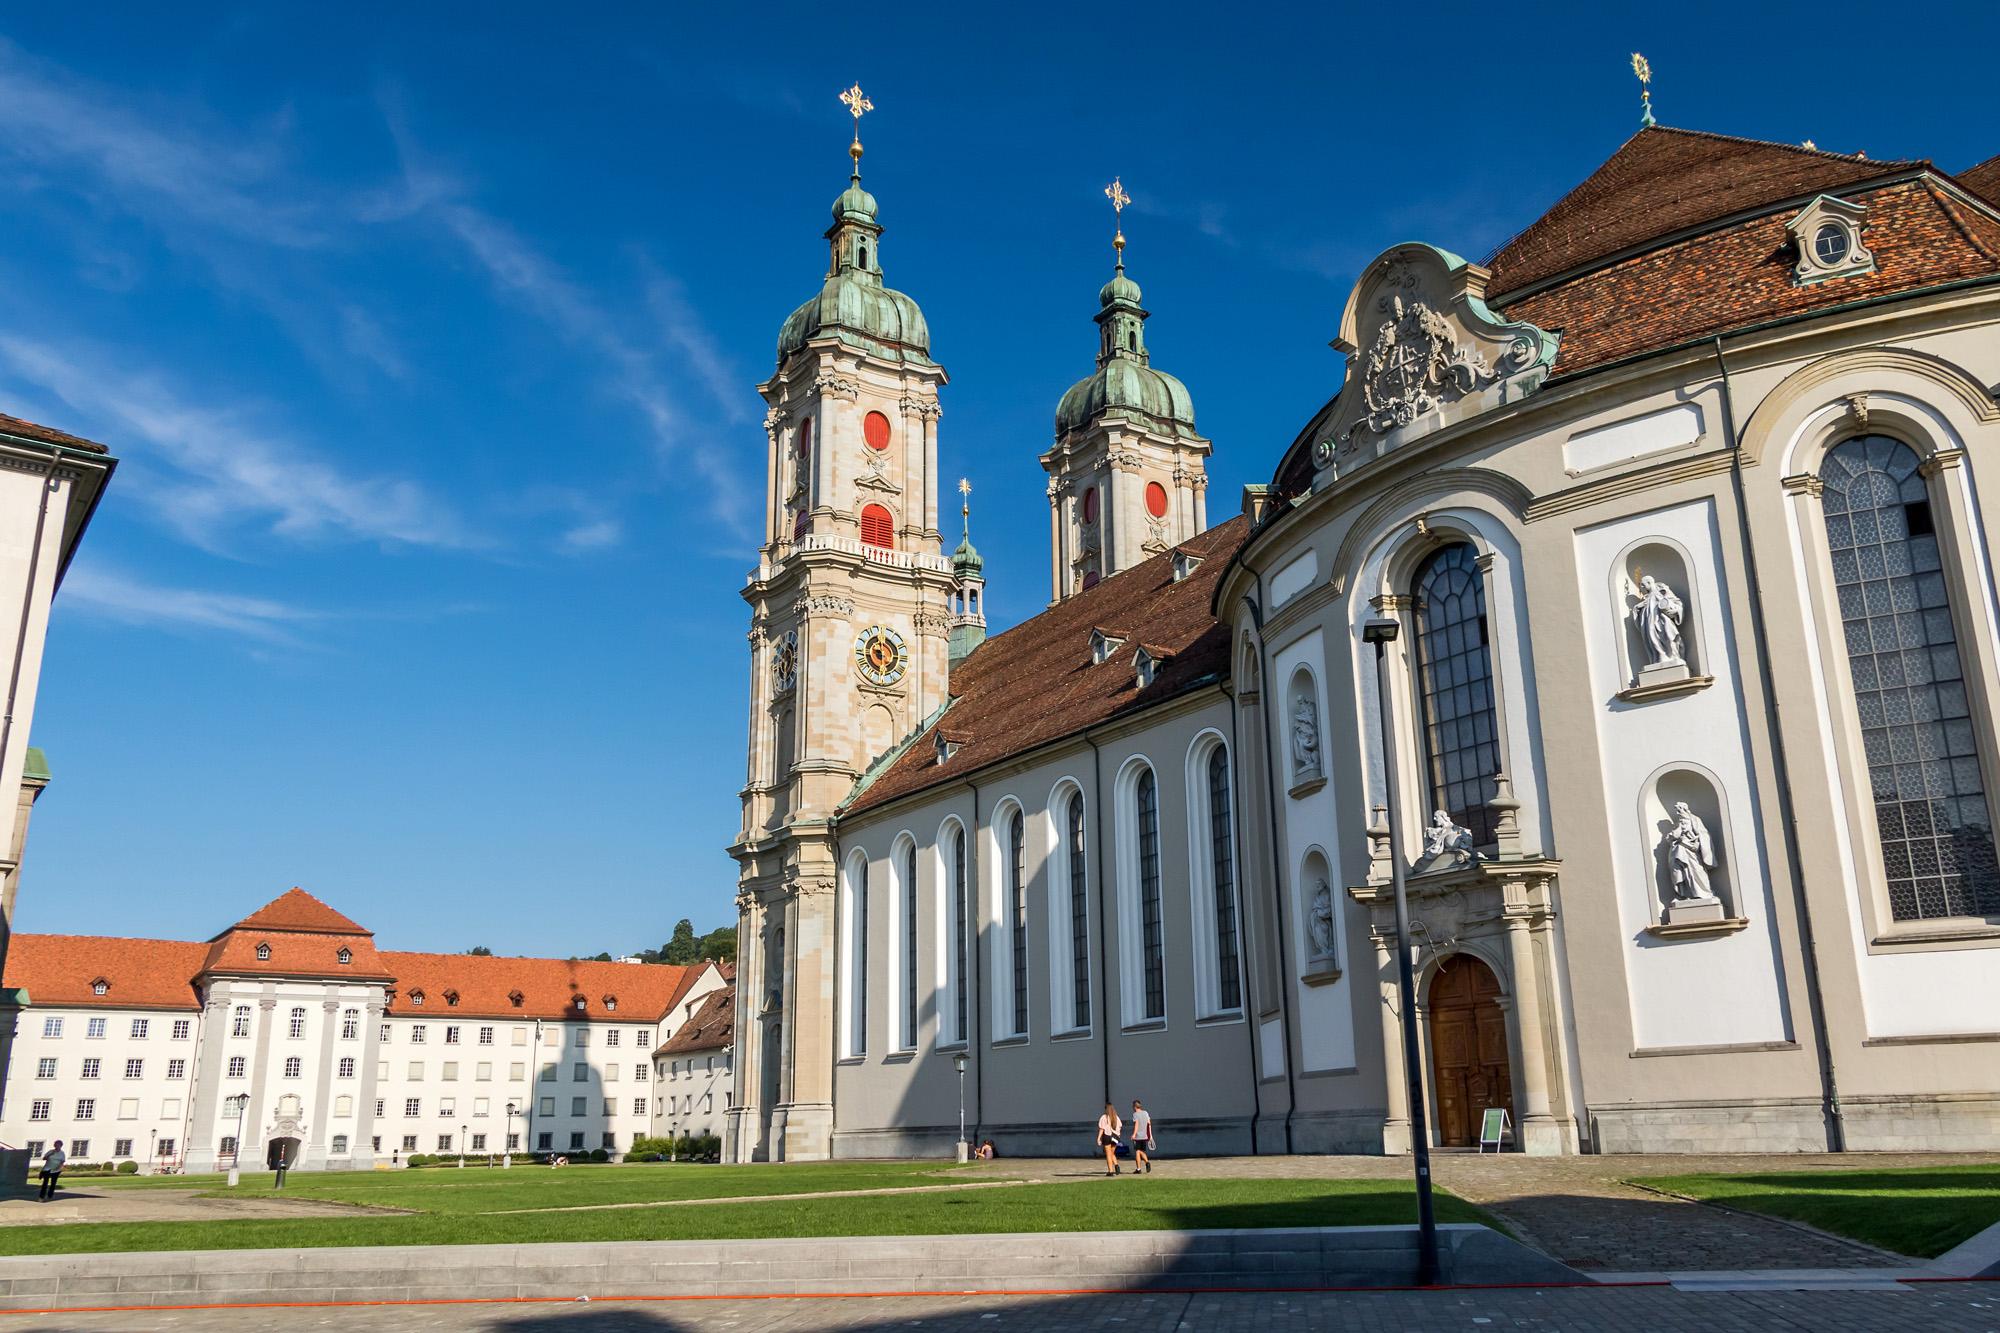 Die Stiftskirche in voller Pracht